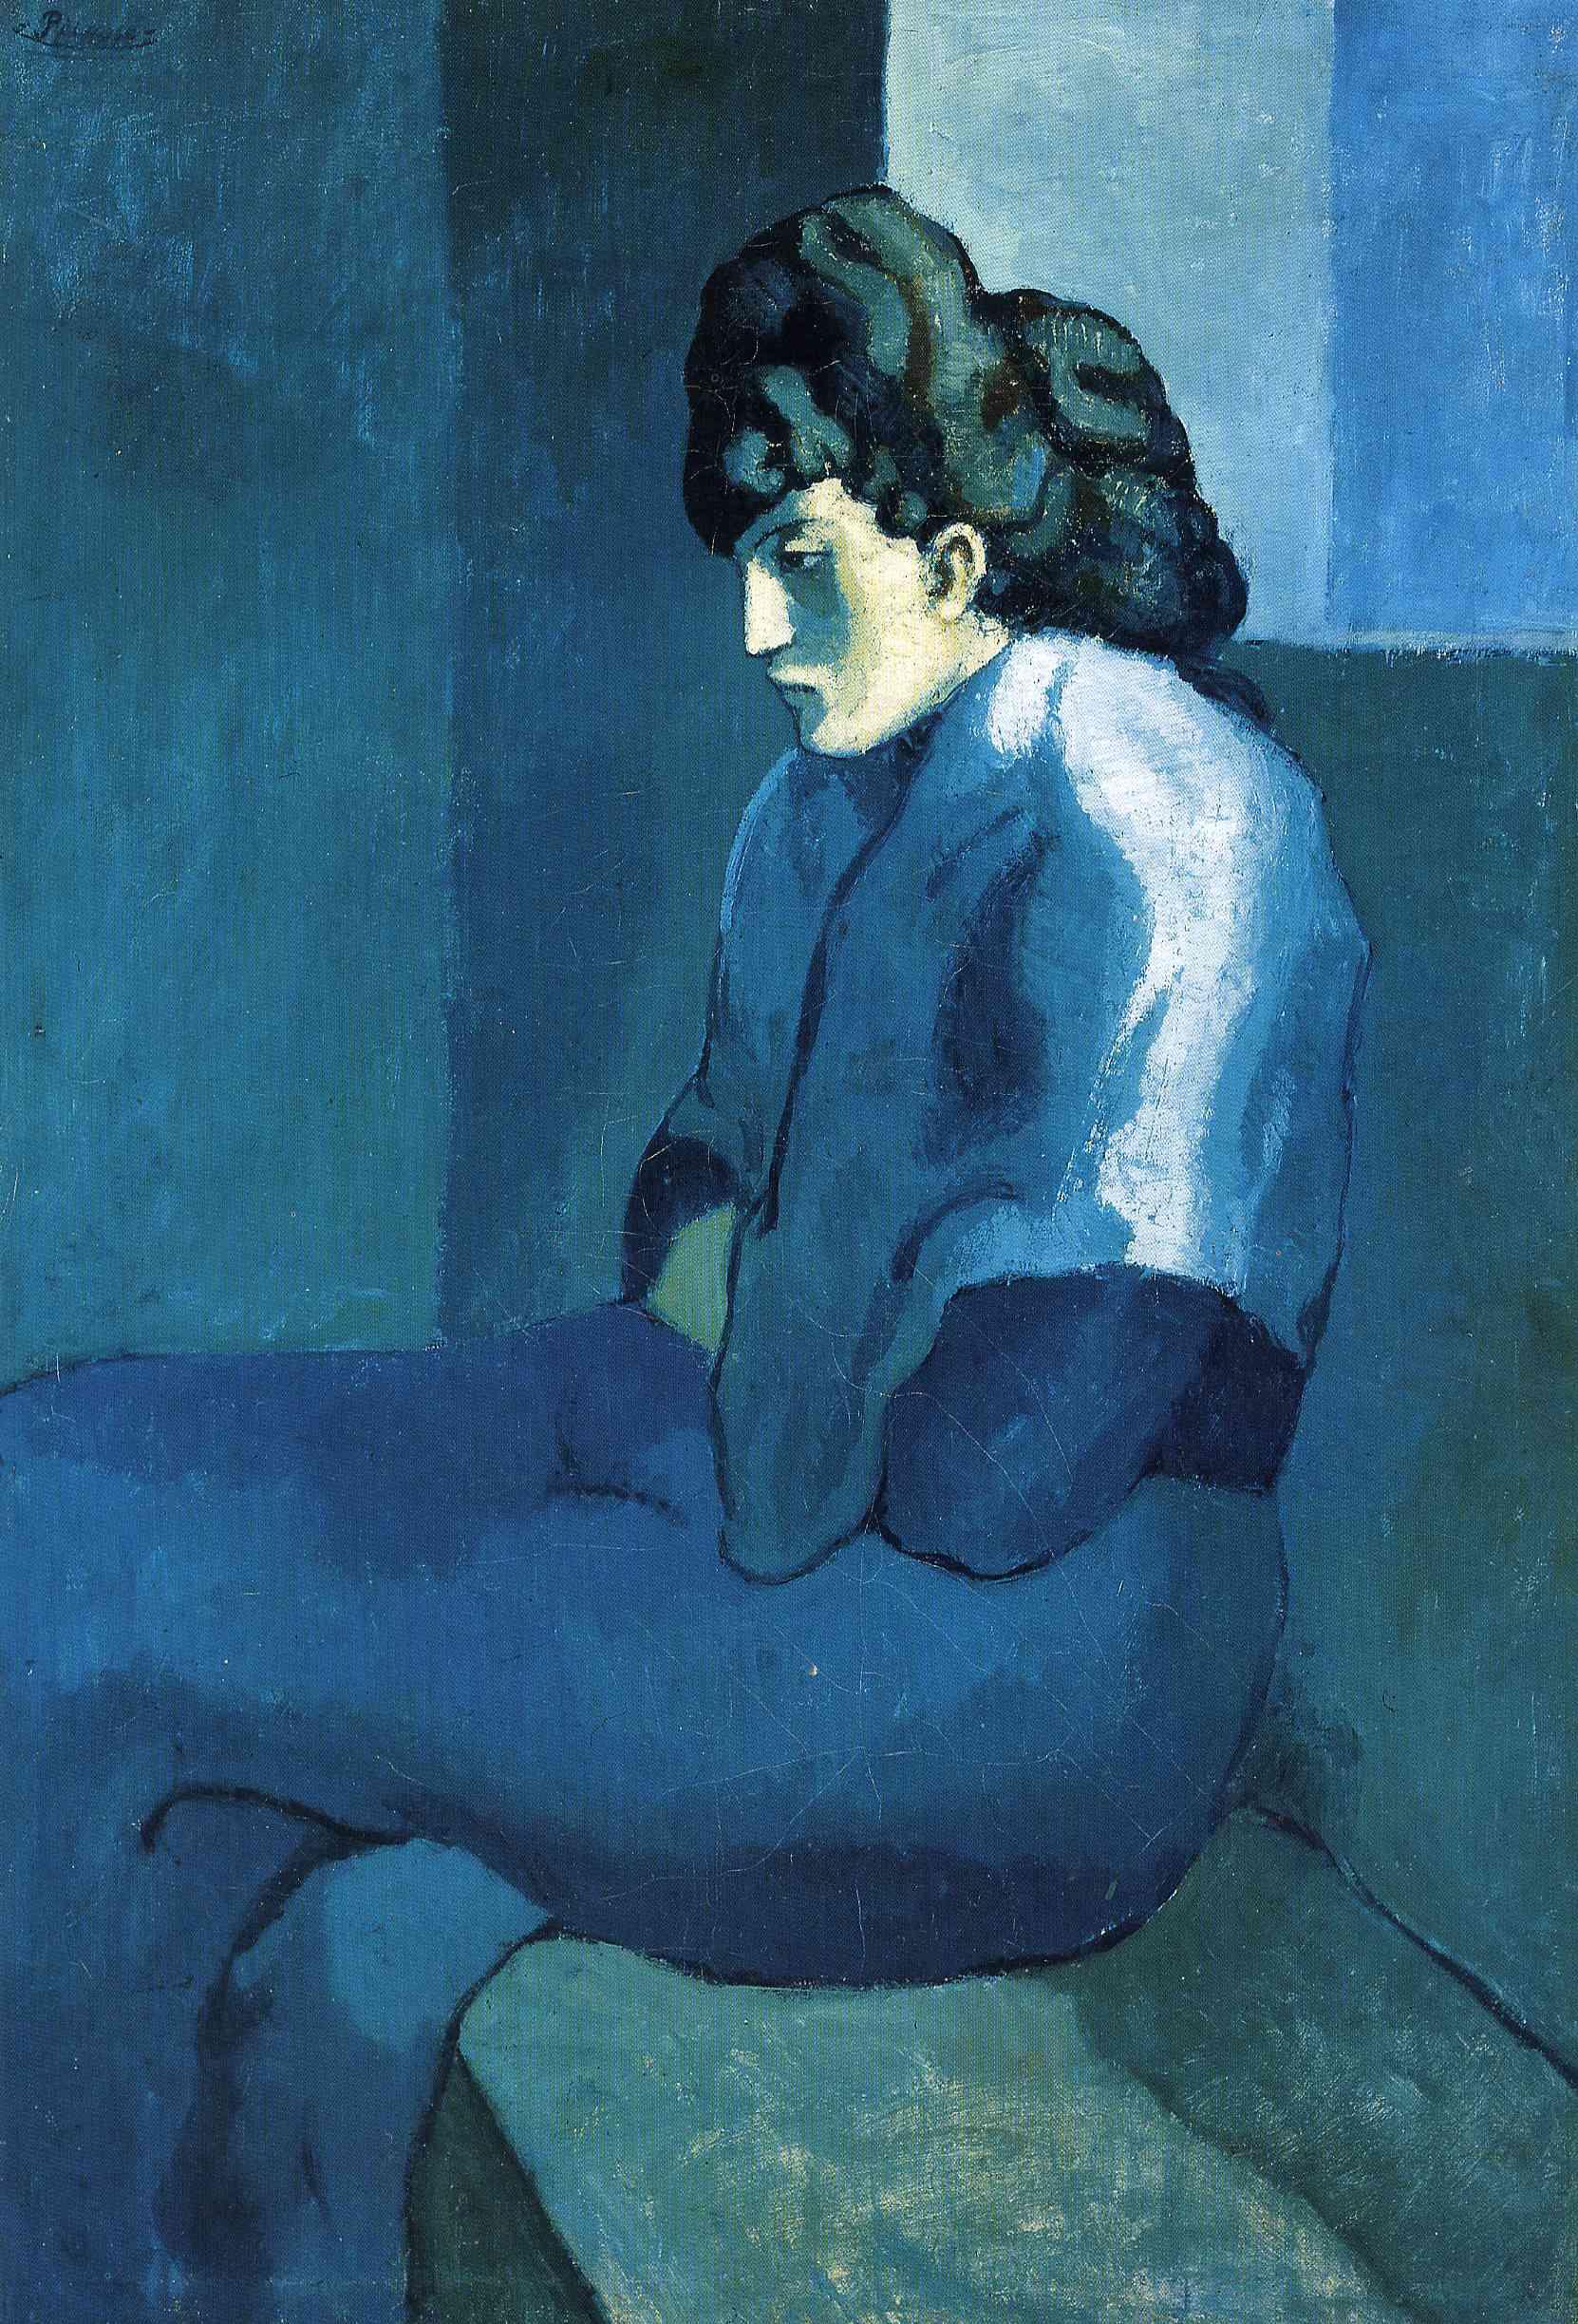 melancholy-woman